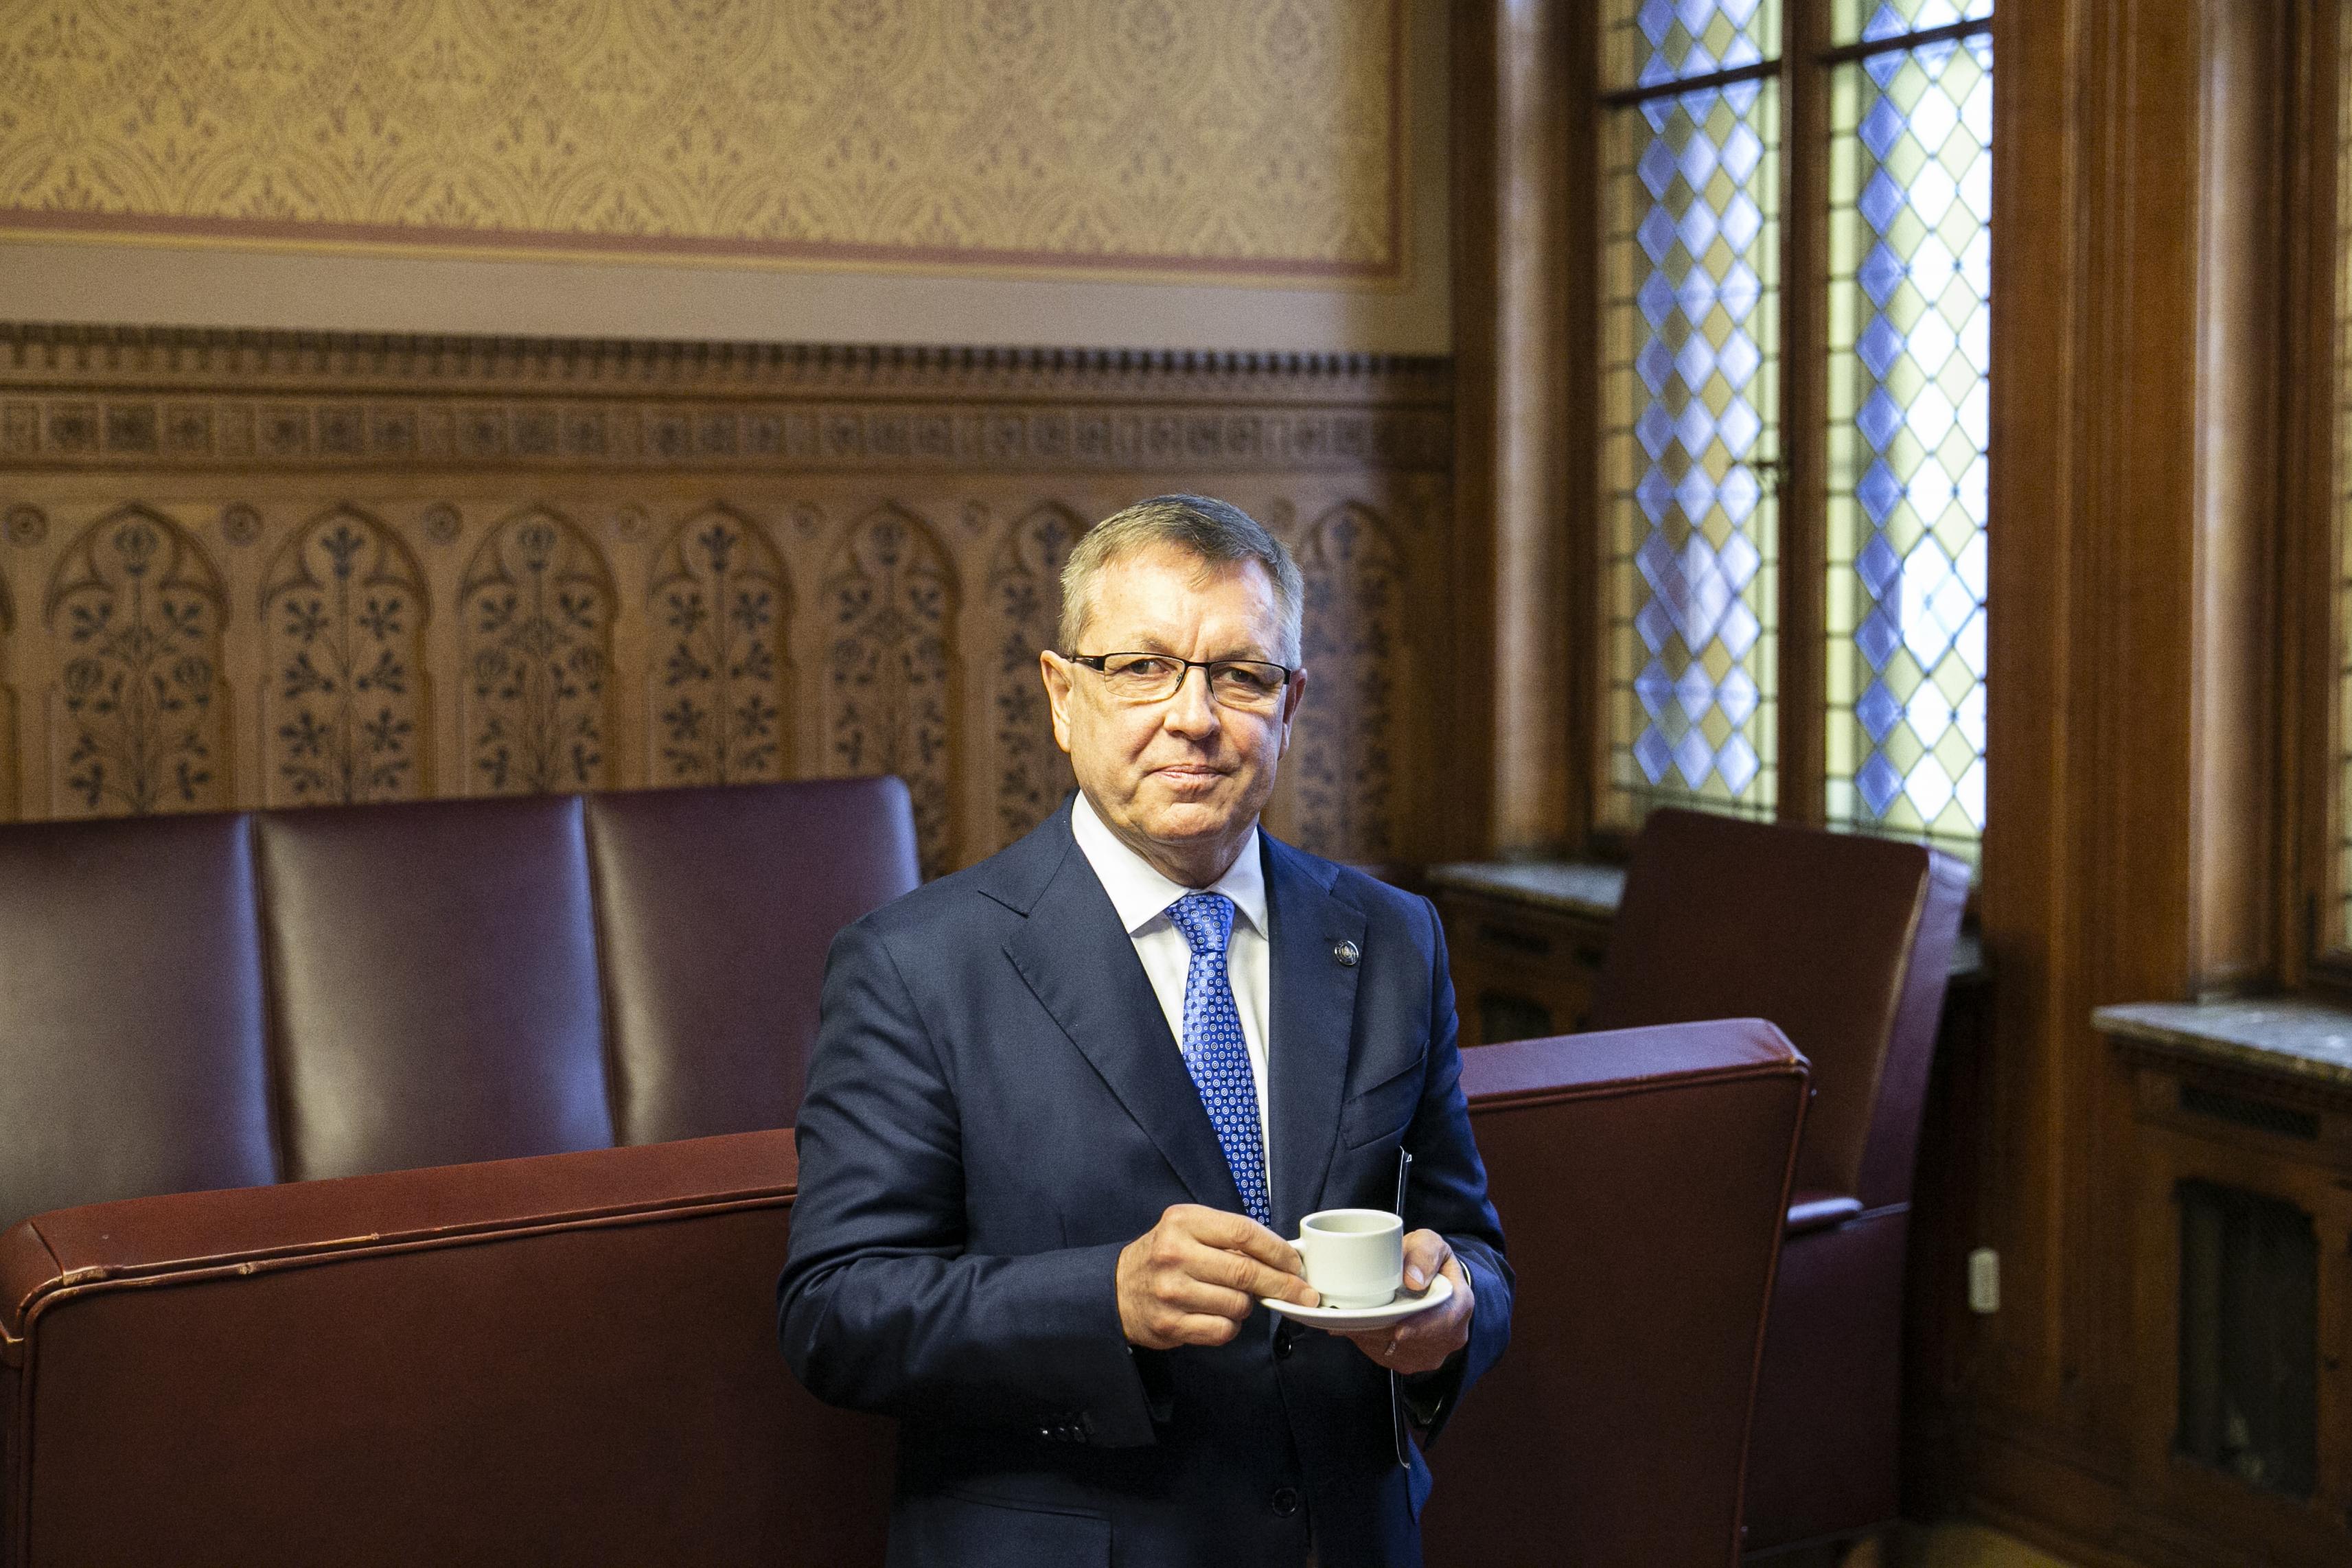 Matolcsy szerint nem mondhatja el, hogy vizsgálják-e Varga Judit ingatlanhitelét, mert ez banktitoknak minősül